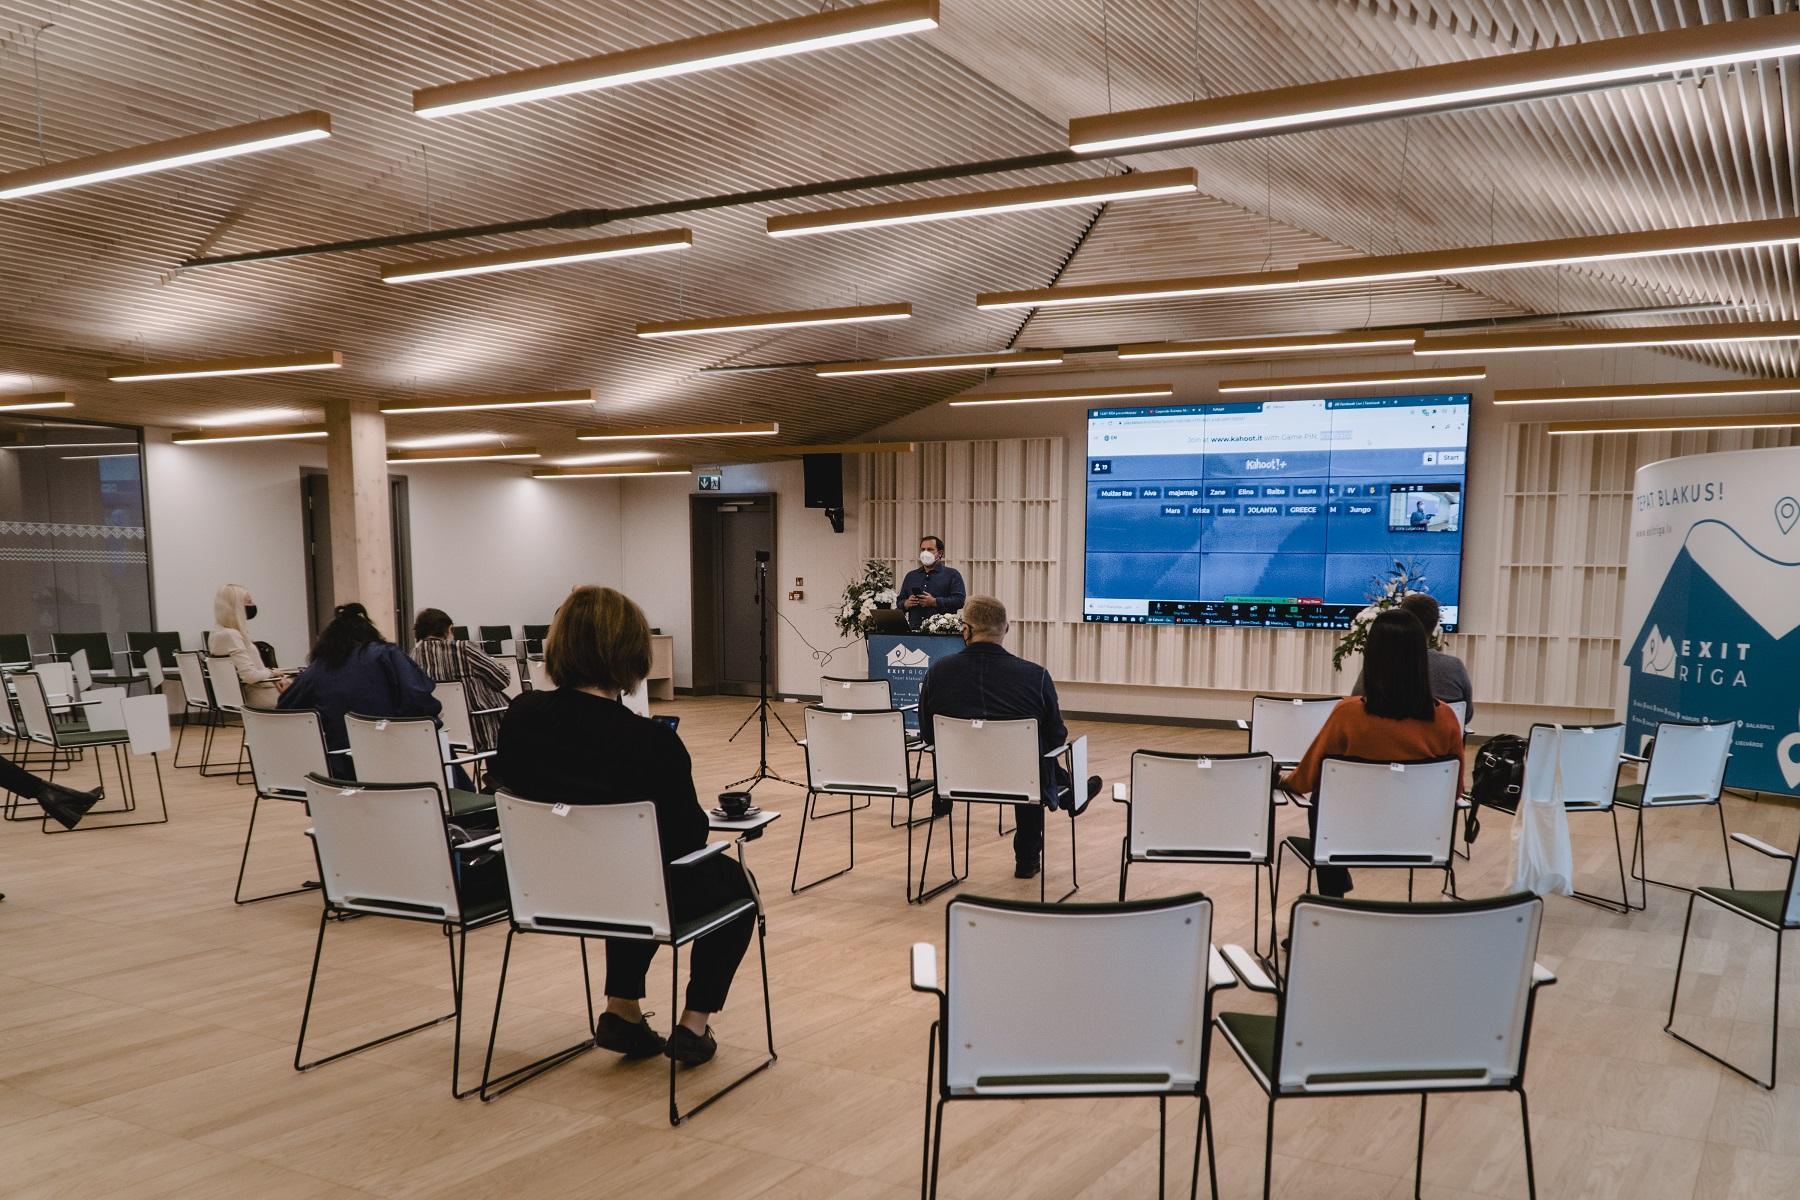 Jaunatklātajā Ogres Centrālajā bibliotēkā aizvadīts otrais EXIT RĪGA apmācību seminārs